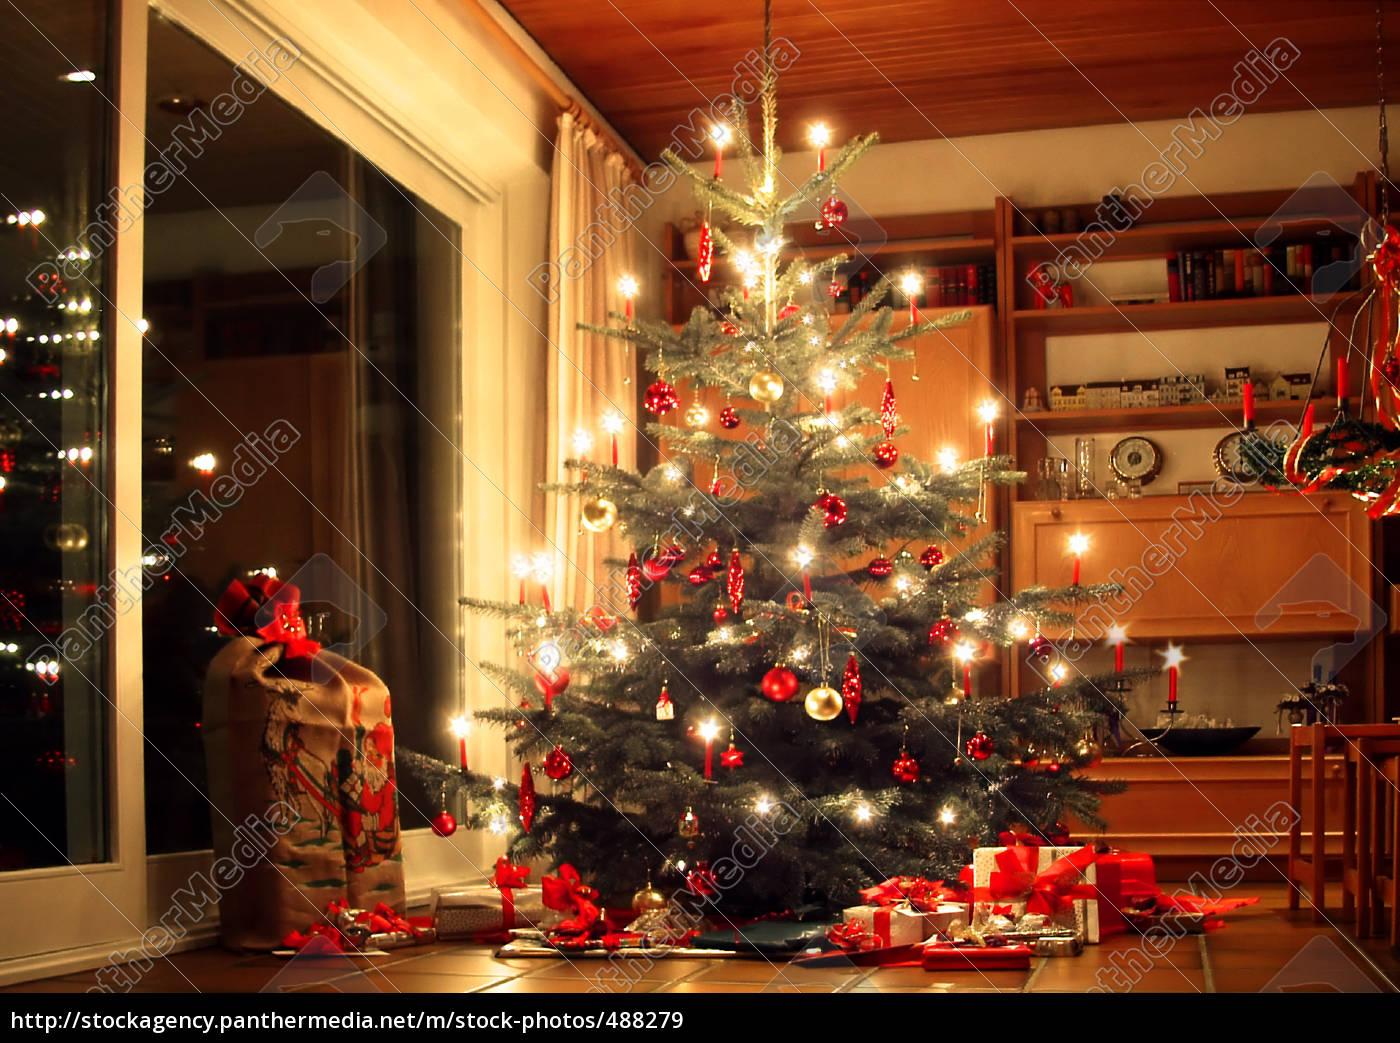 weihnachtsstube lizenzfreies bild 488279. Black Bedroom Furniture Sets. Home Design Ideas